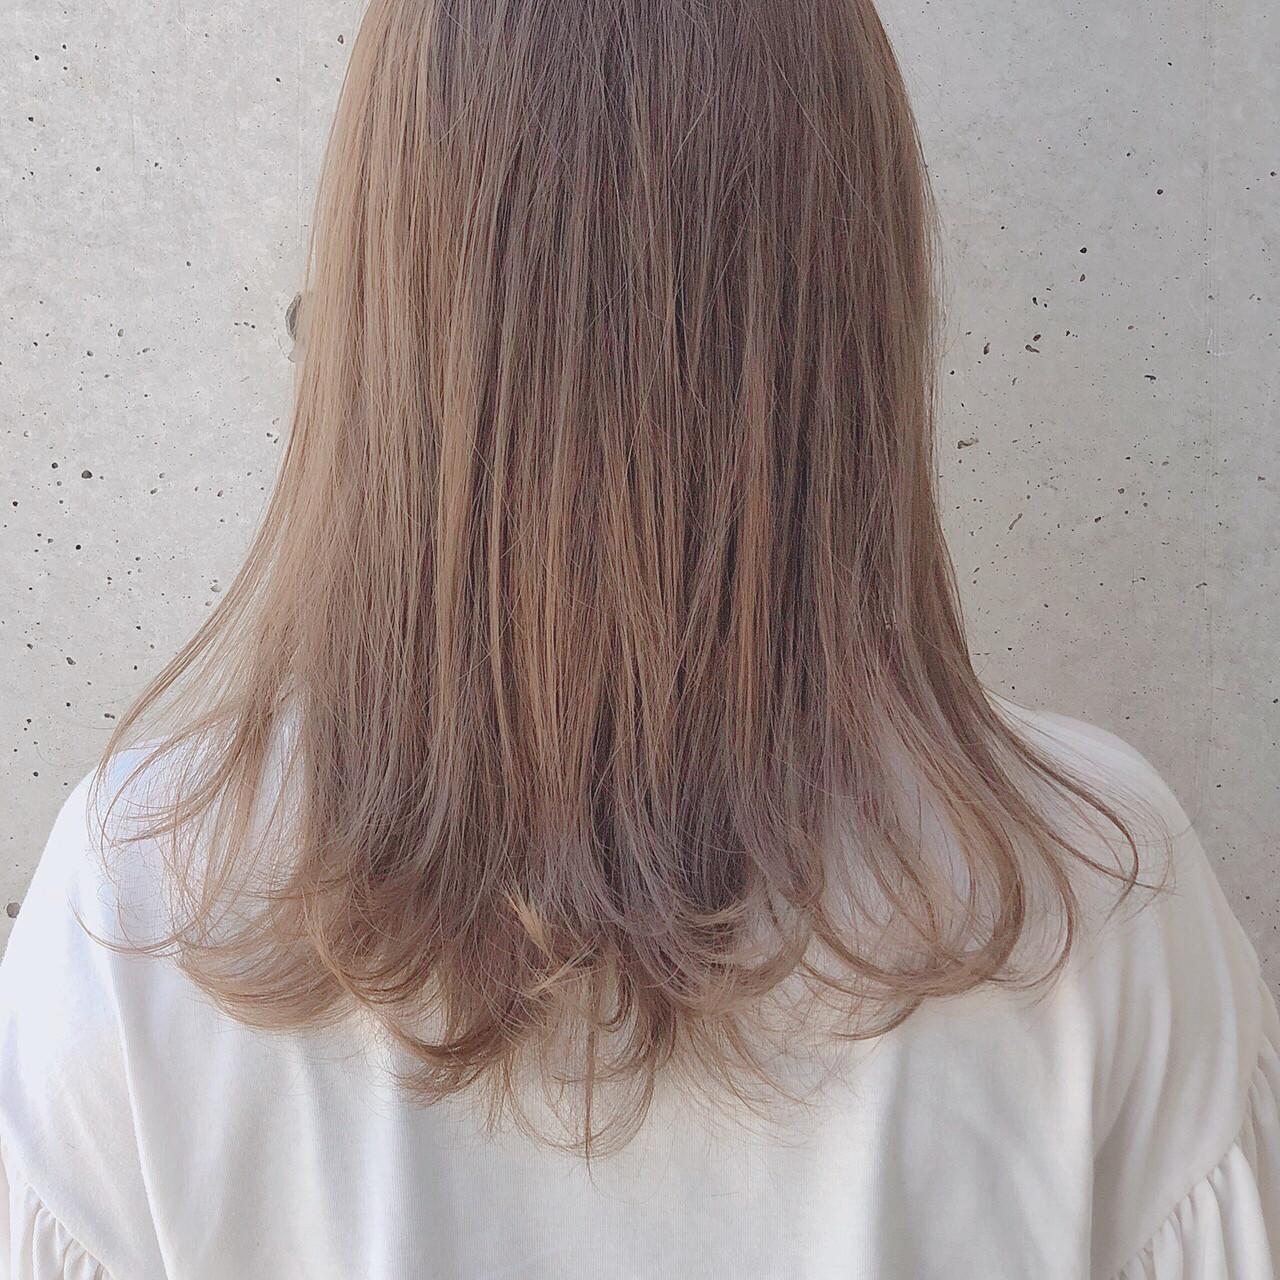 ナチュラル デート ミルクティー 透明感 ヘアスタイルや髪型の写真・画像